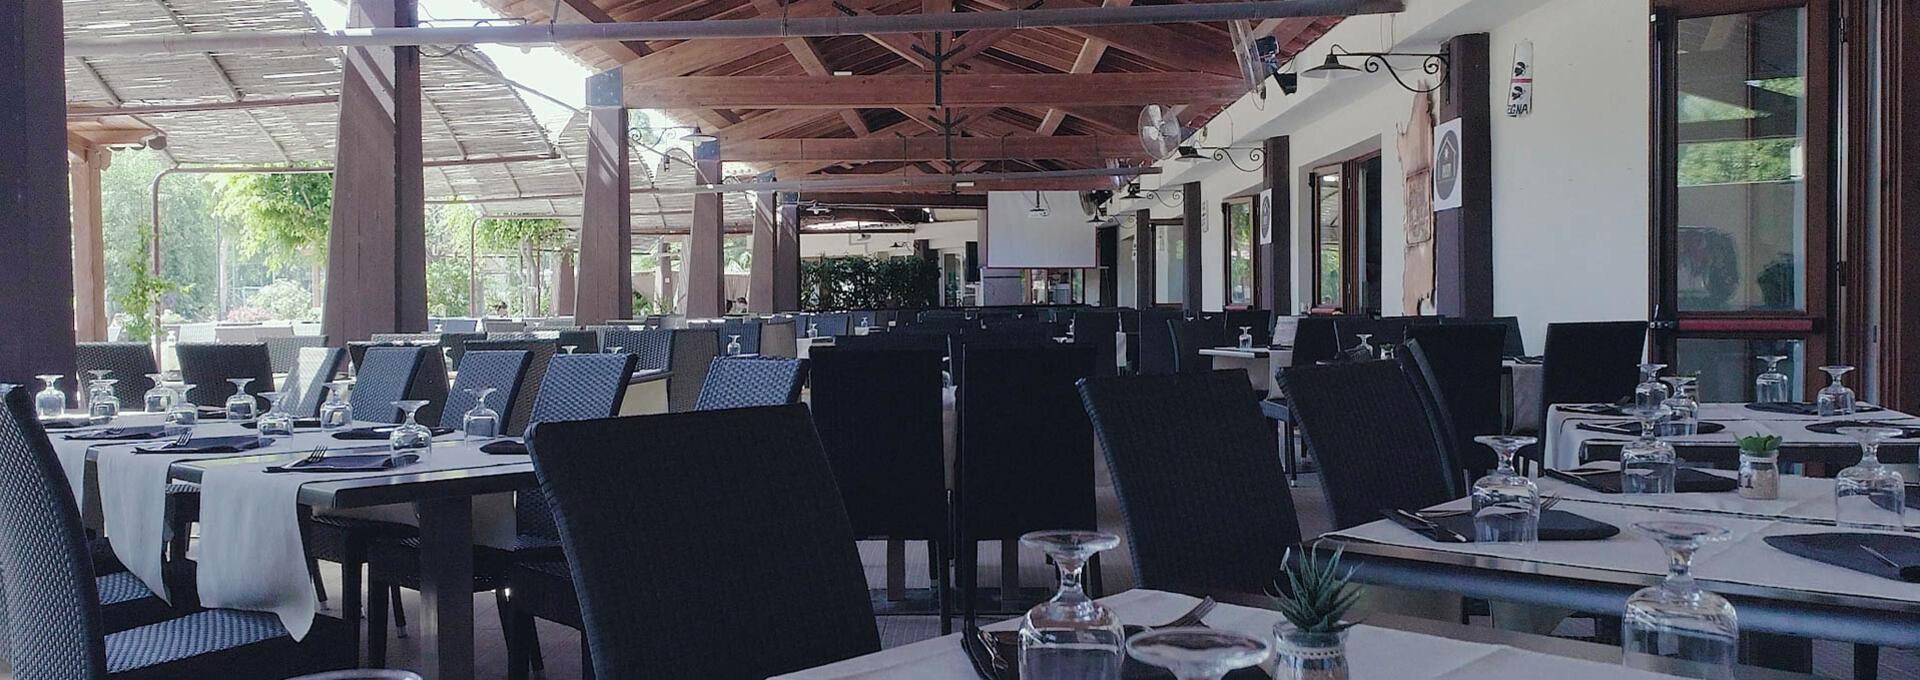 4mori it campingvillage-con-ristorante-sardegna 018